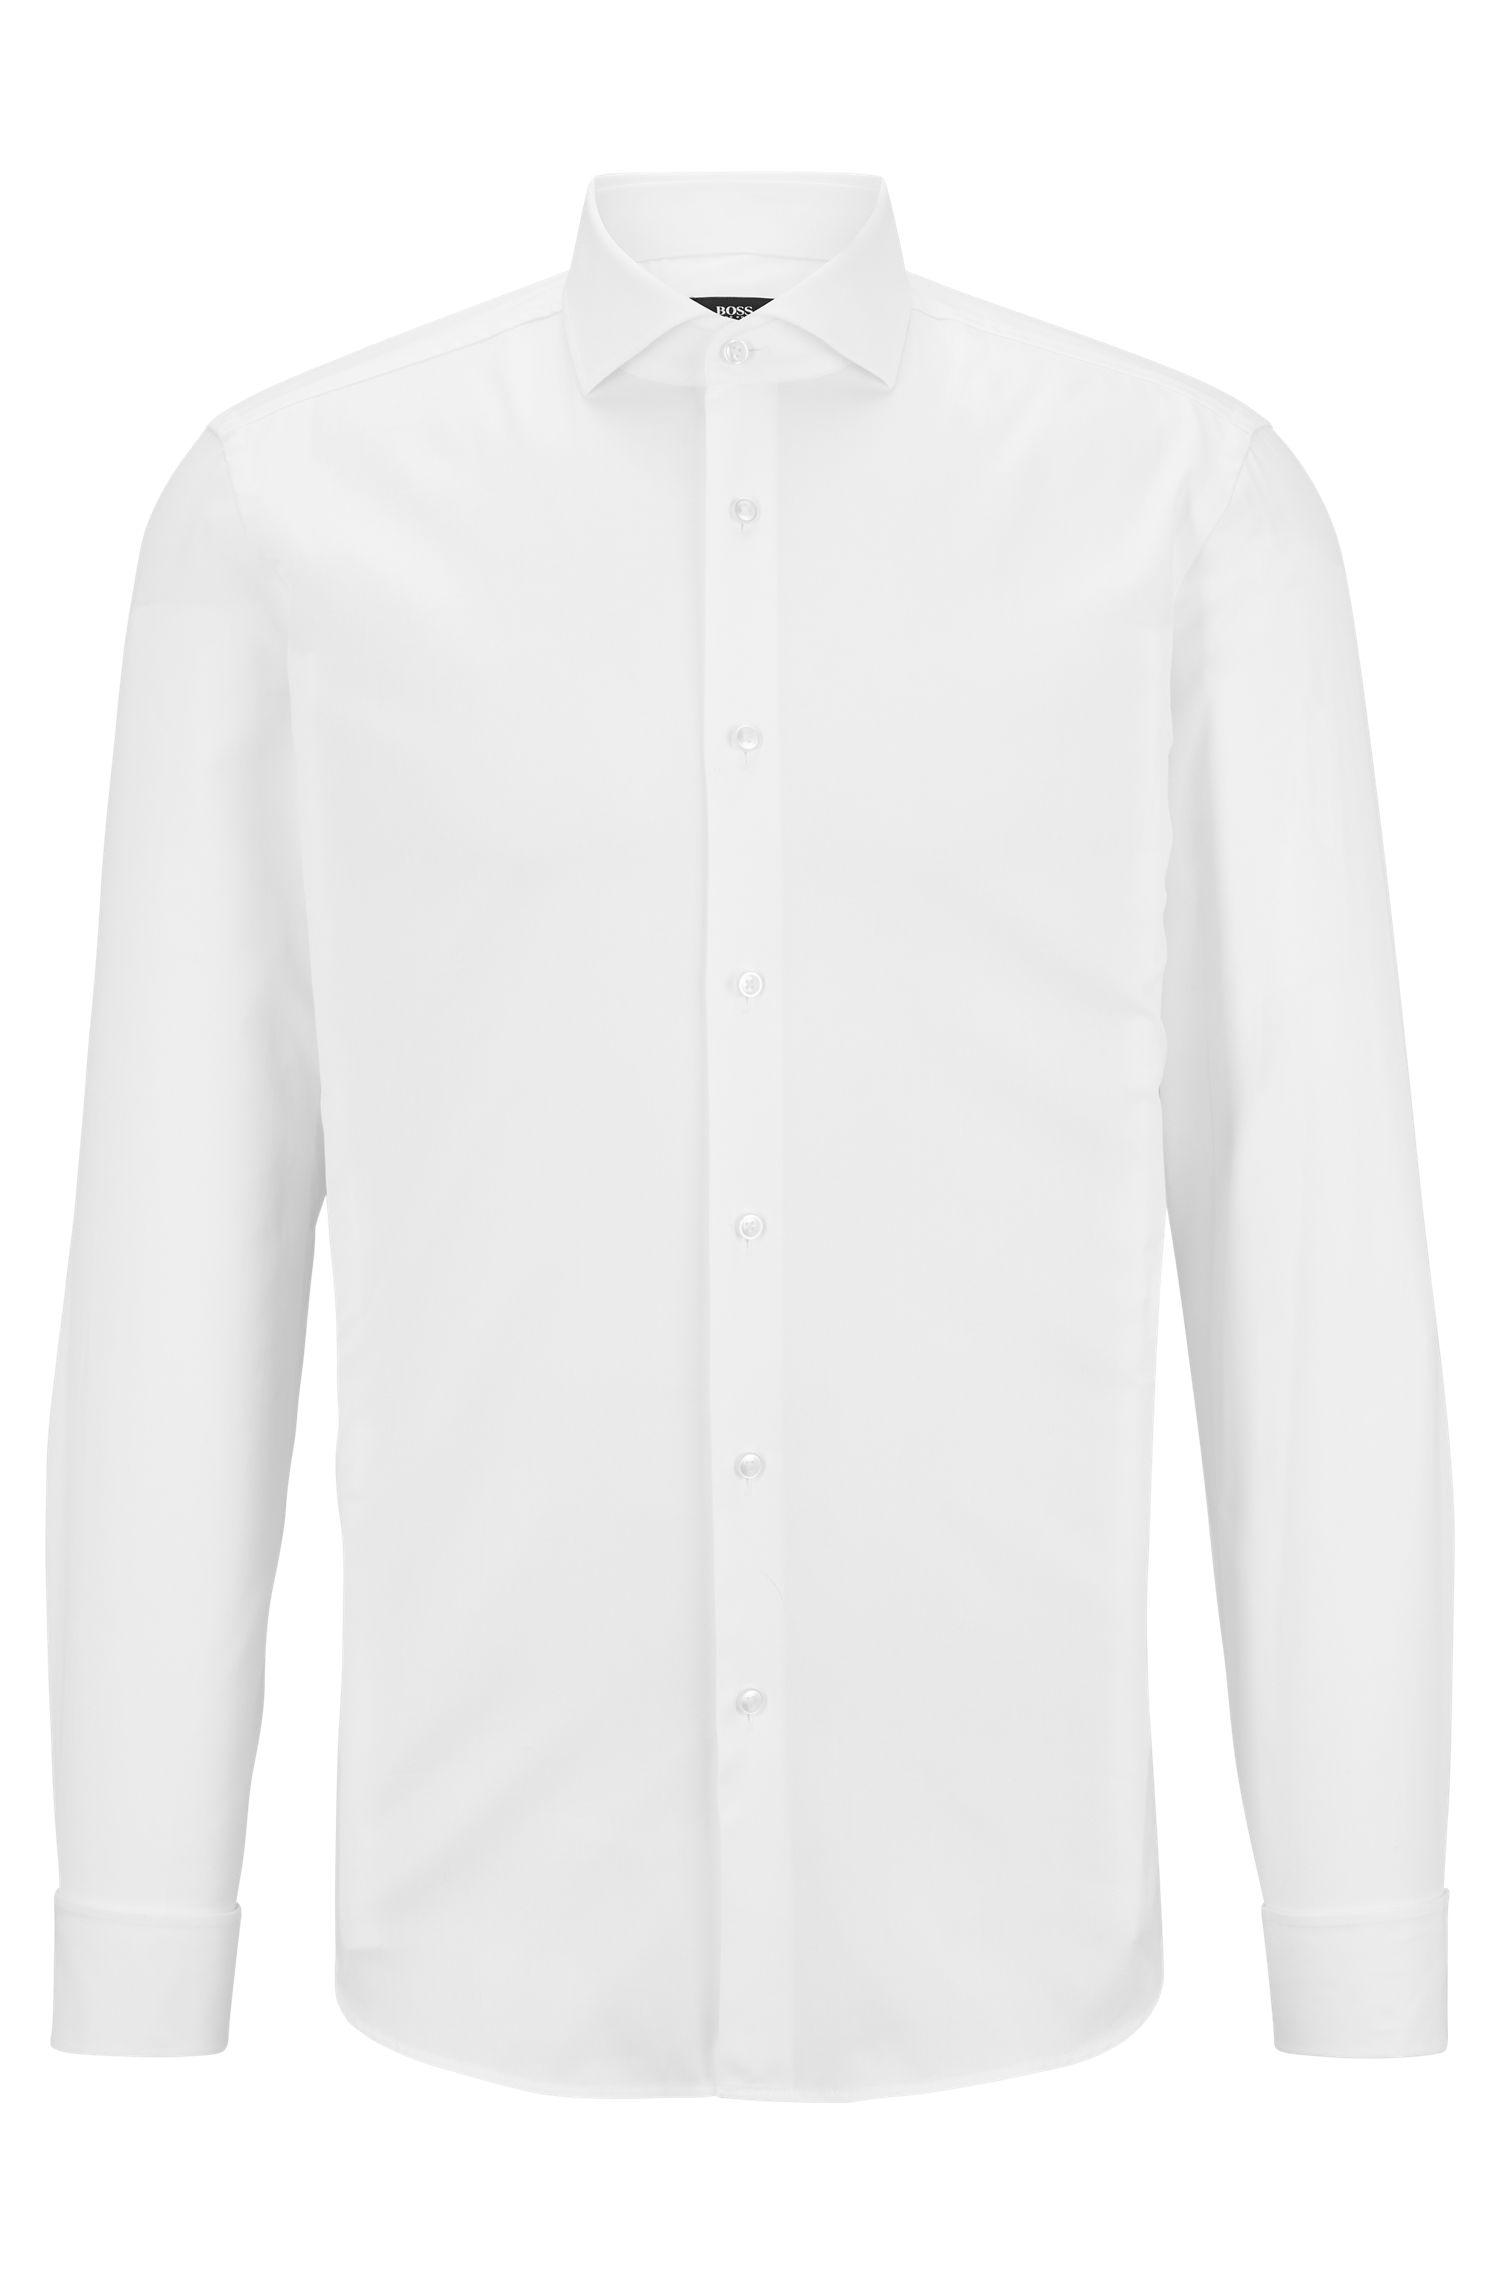 Slim-Fit Hemd aus reiner Baumwolle, Weiß